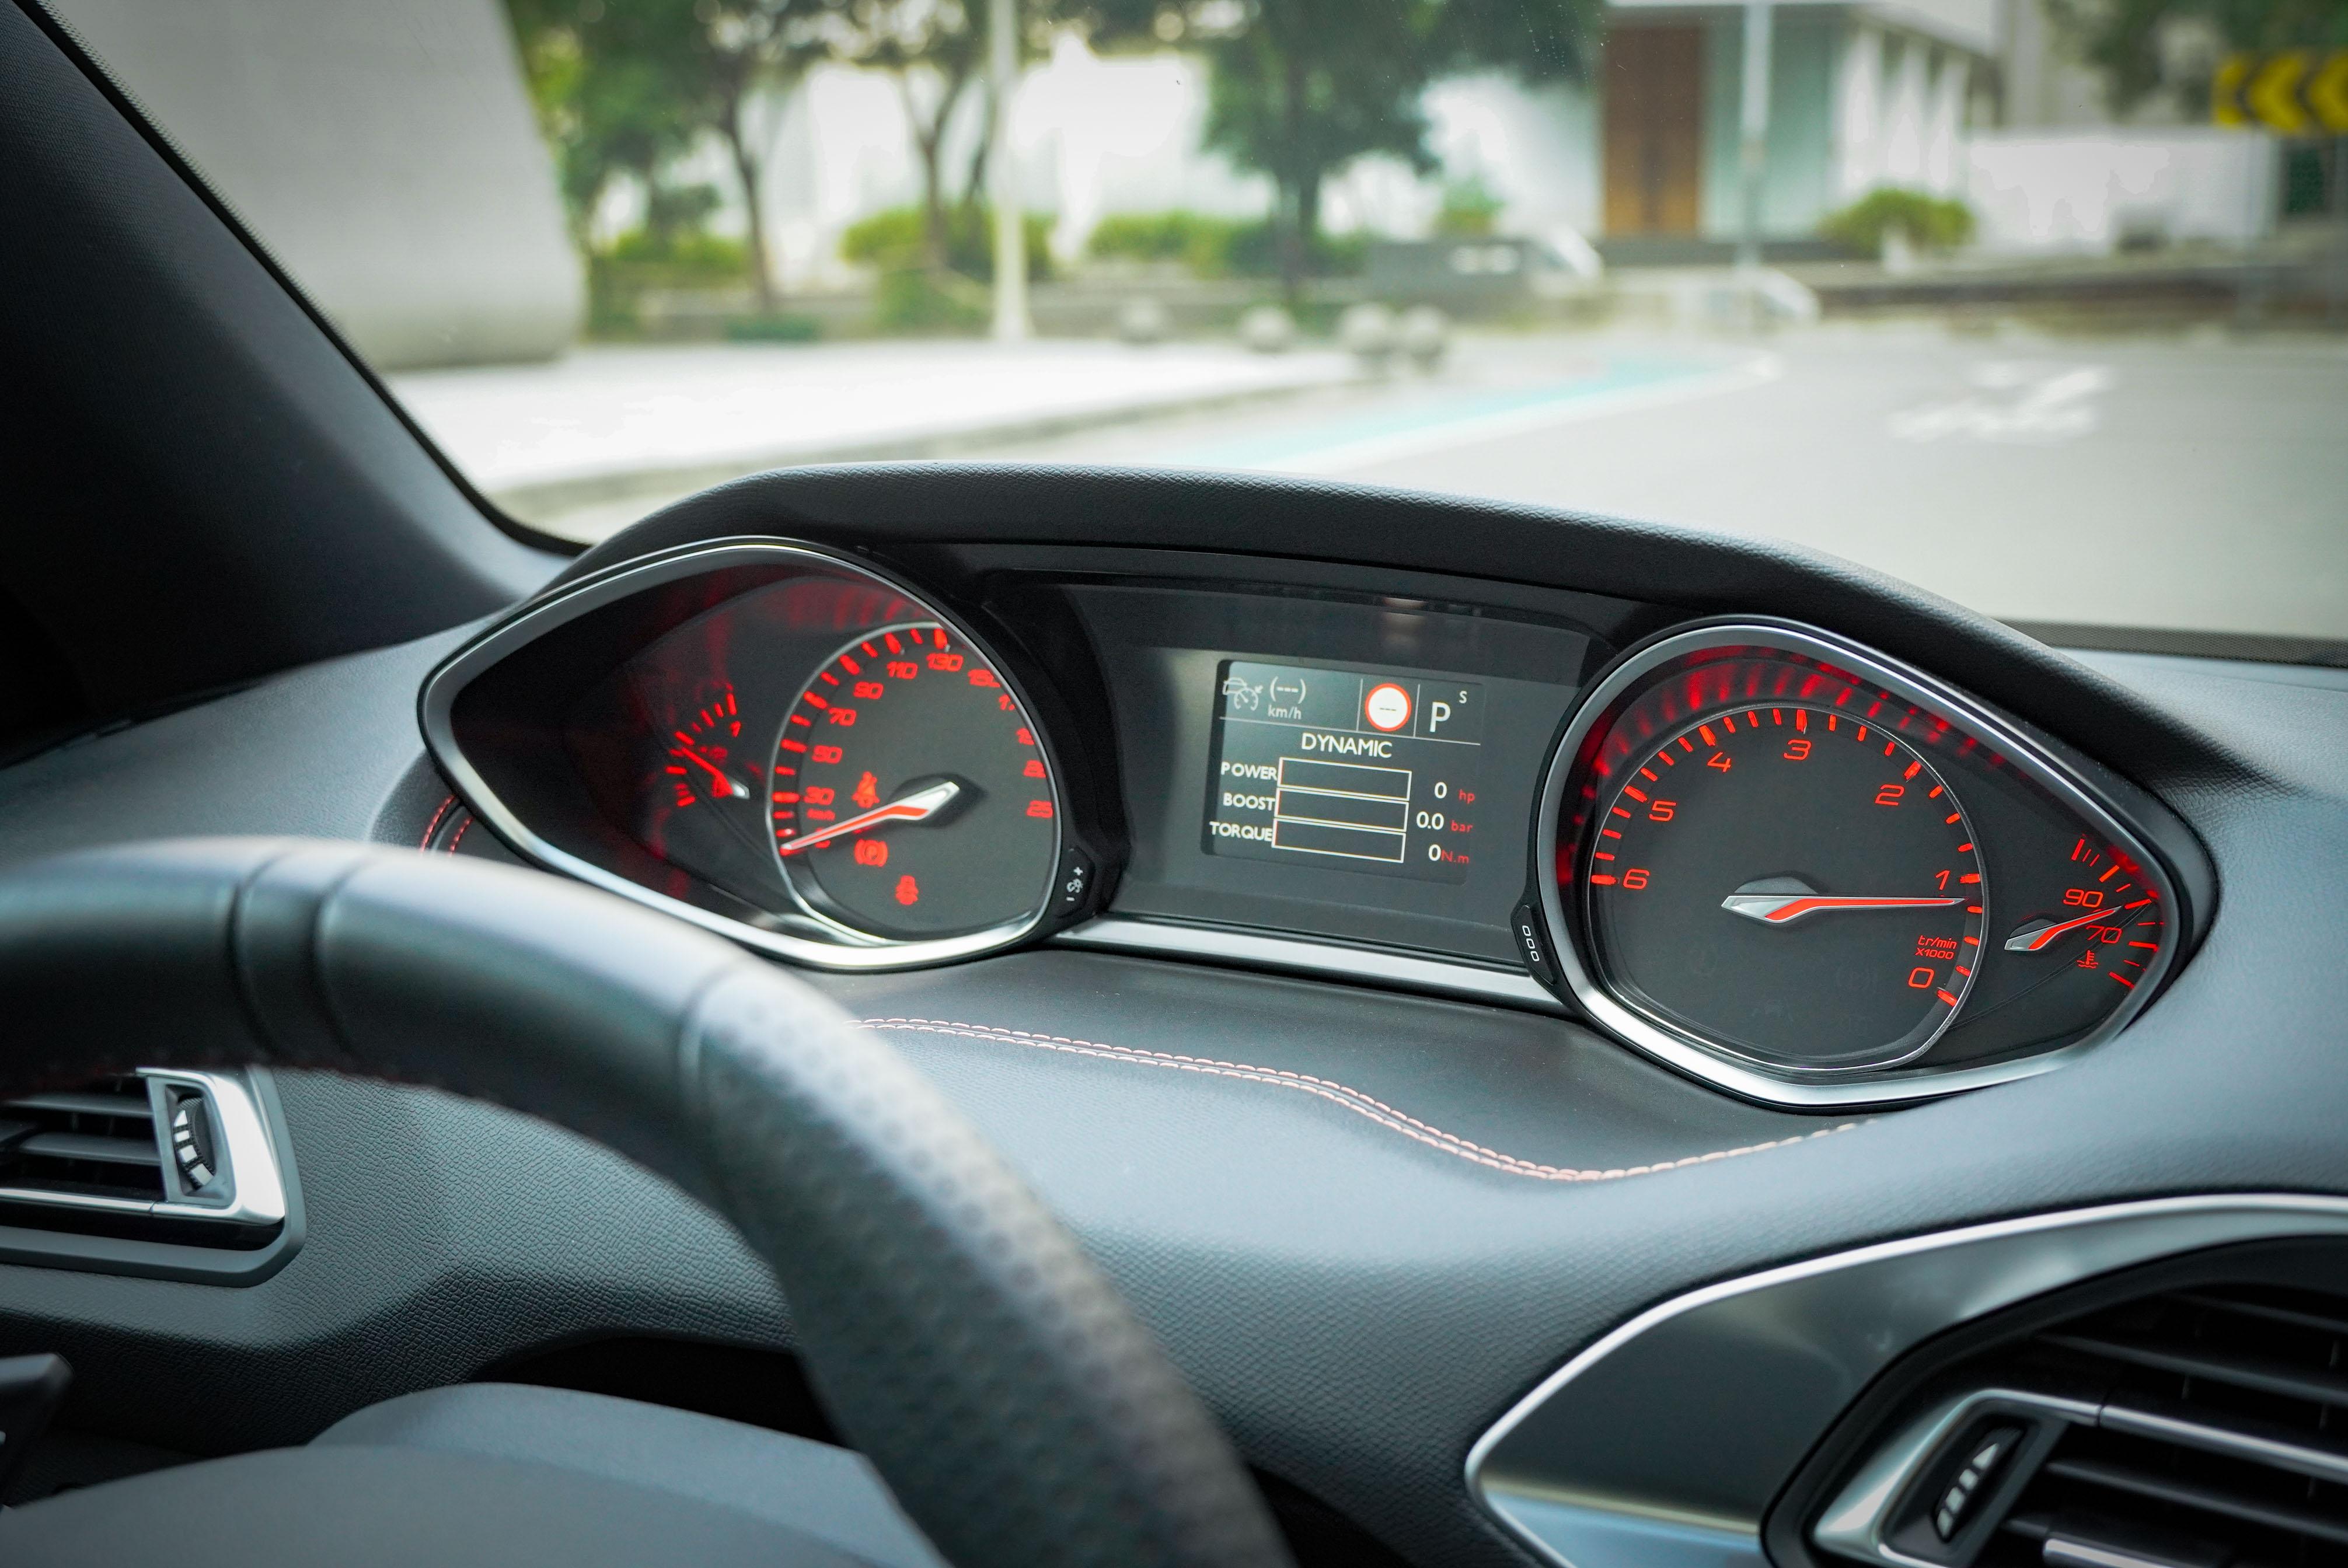 運動模式的儀表板會以紅色顯示,中央同時顯示即時即時動力輸出與增壓值。